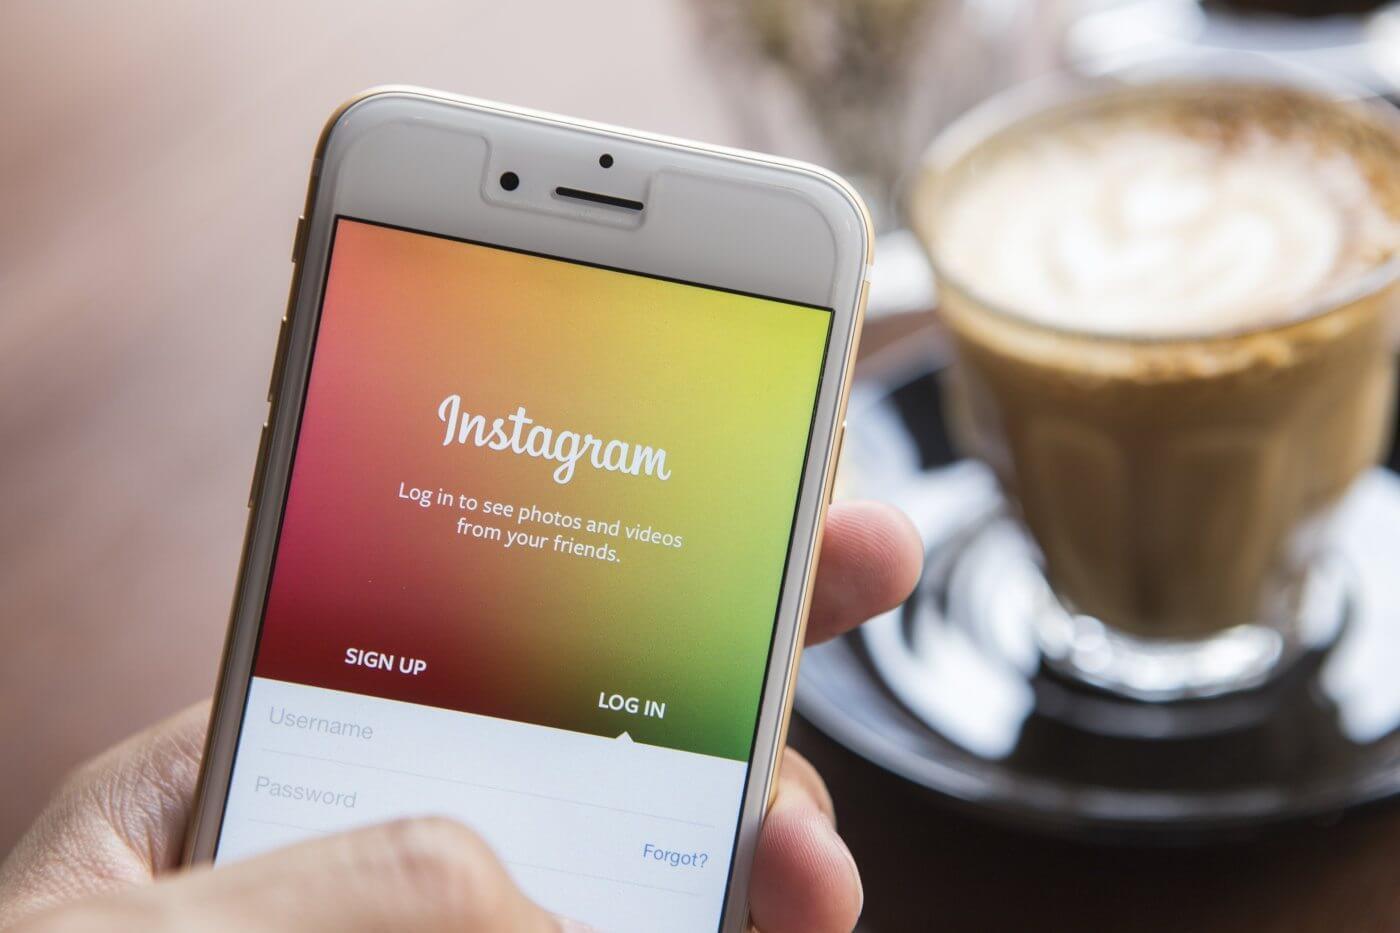 Tire um printscreen do seu Mapa de fotos do Instagram, pois o recurso será removido em breve do aplicativo. Nem sabe o que é? Vem cá conhecer